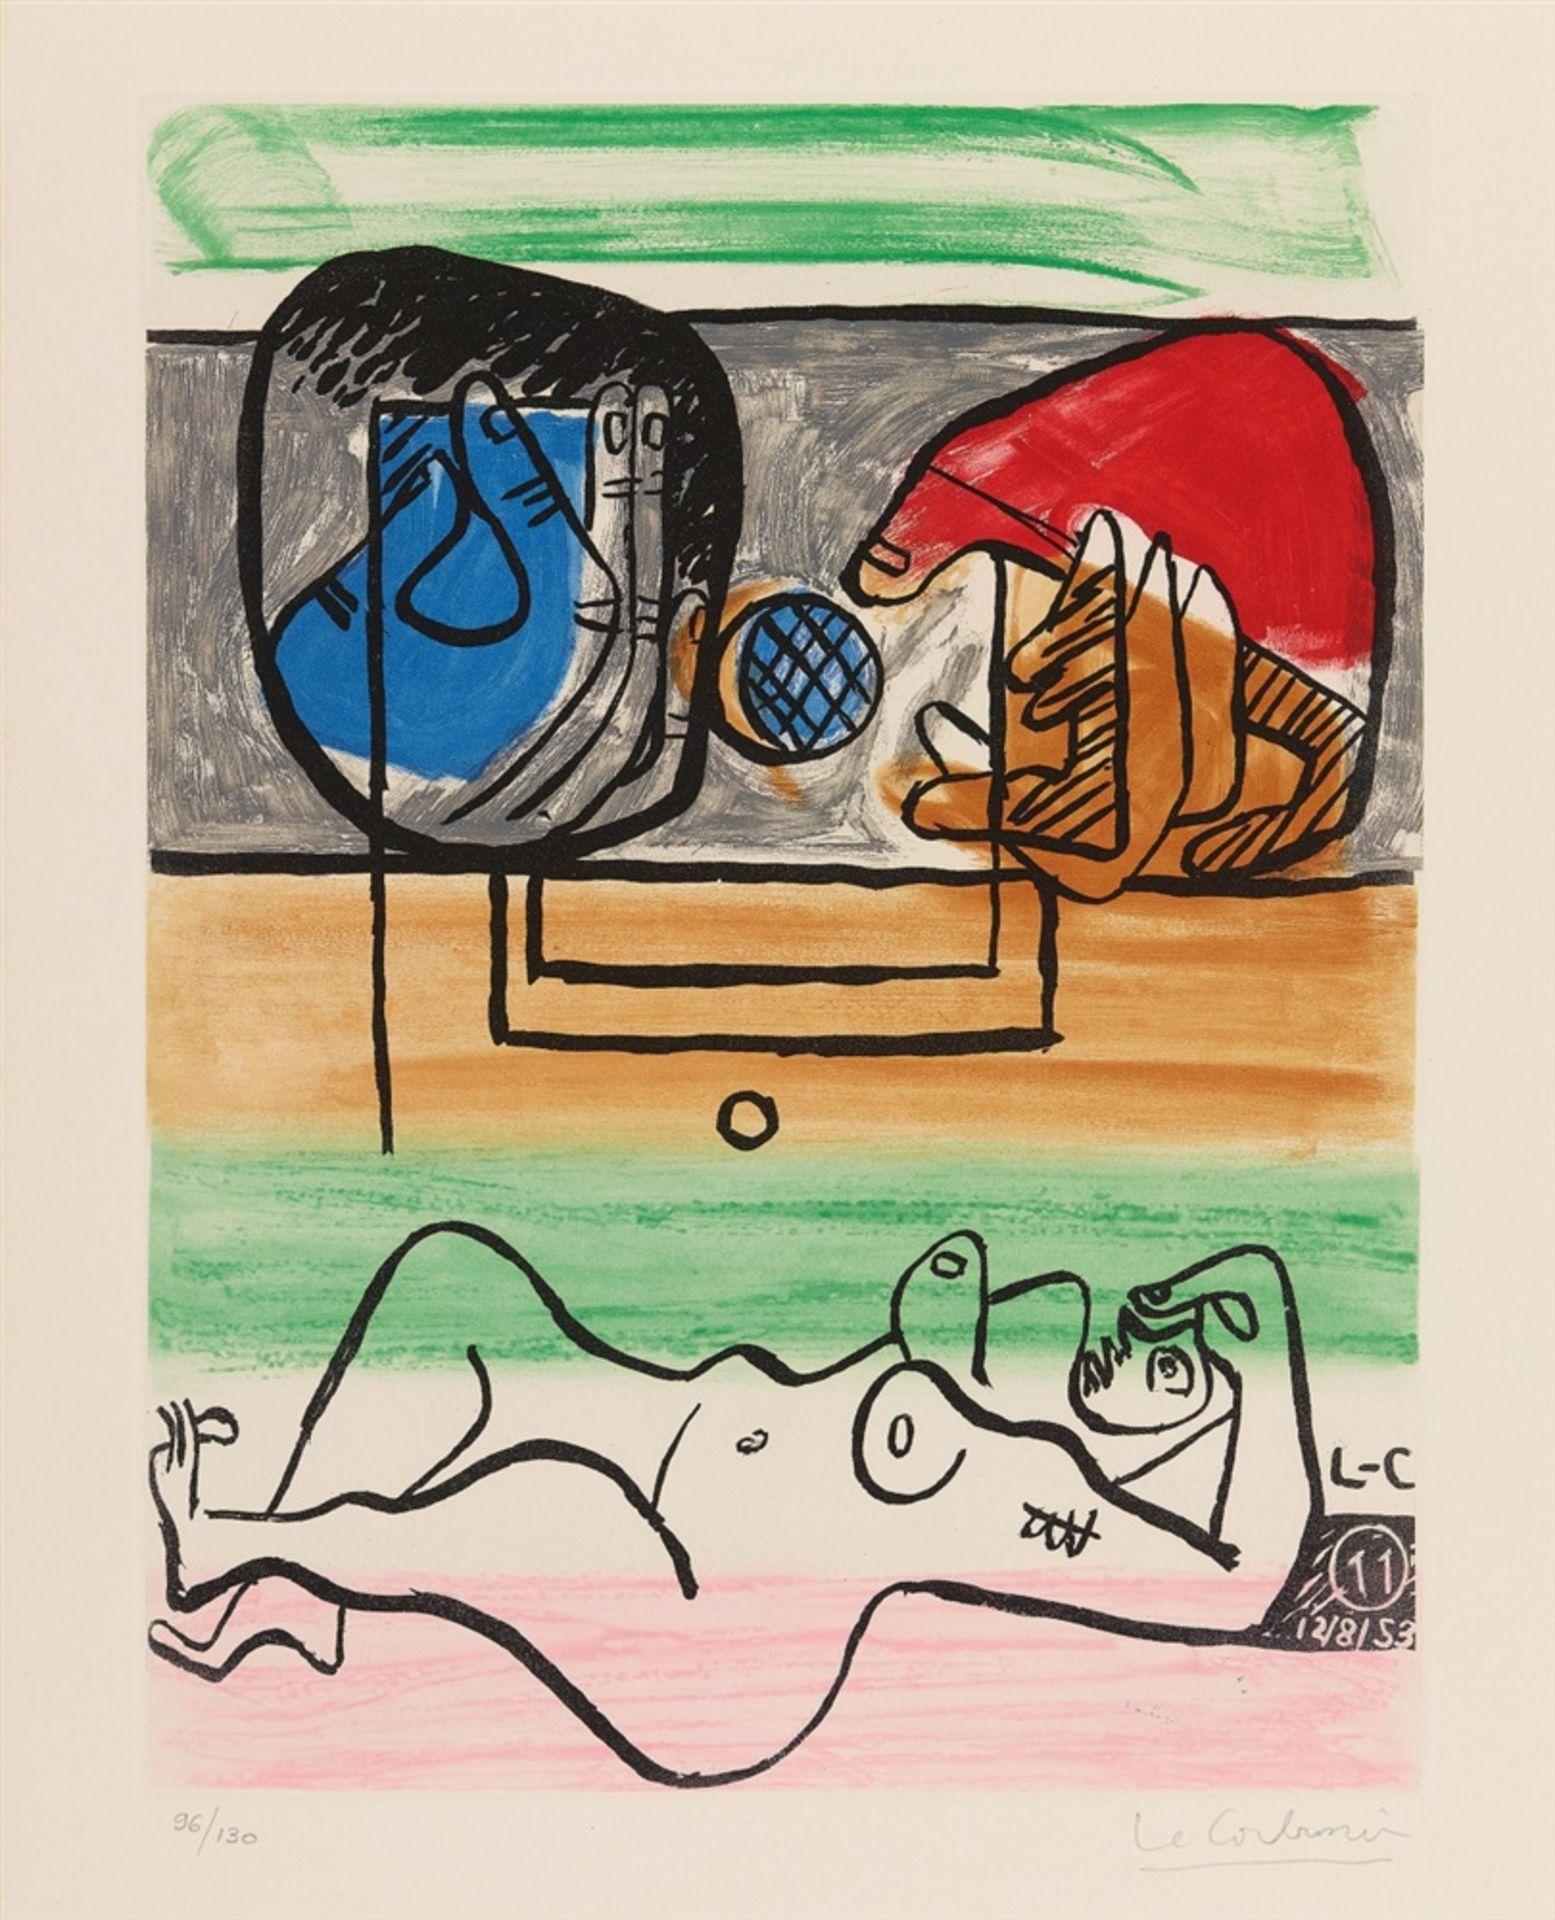 Le Corbusier (Charles-Édouard Jeanneret)Unité - Bild 21 aus 27